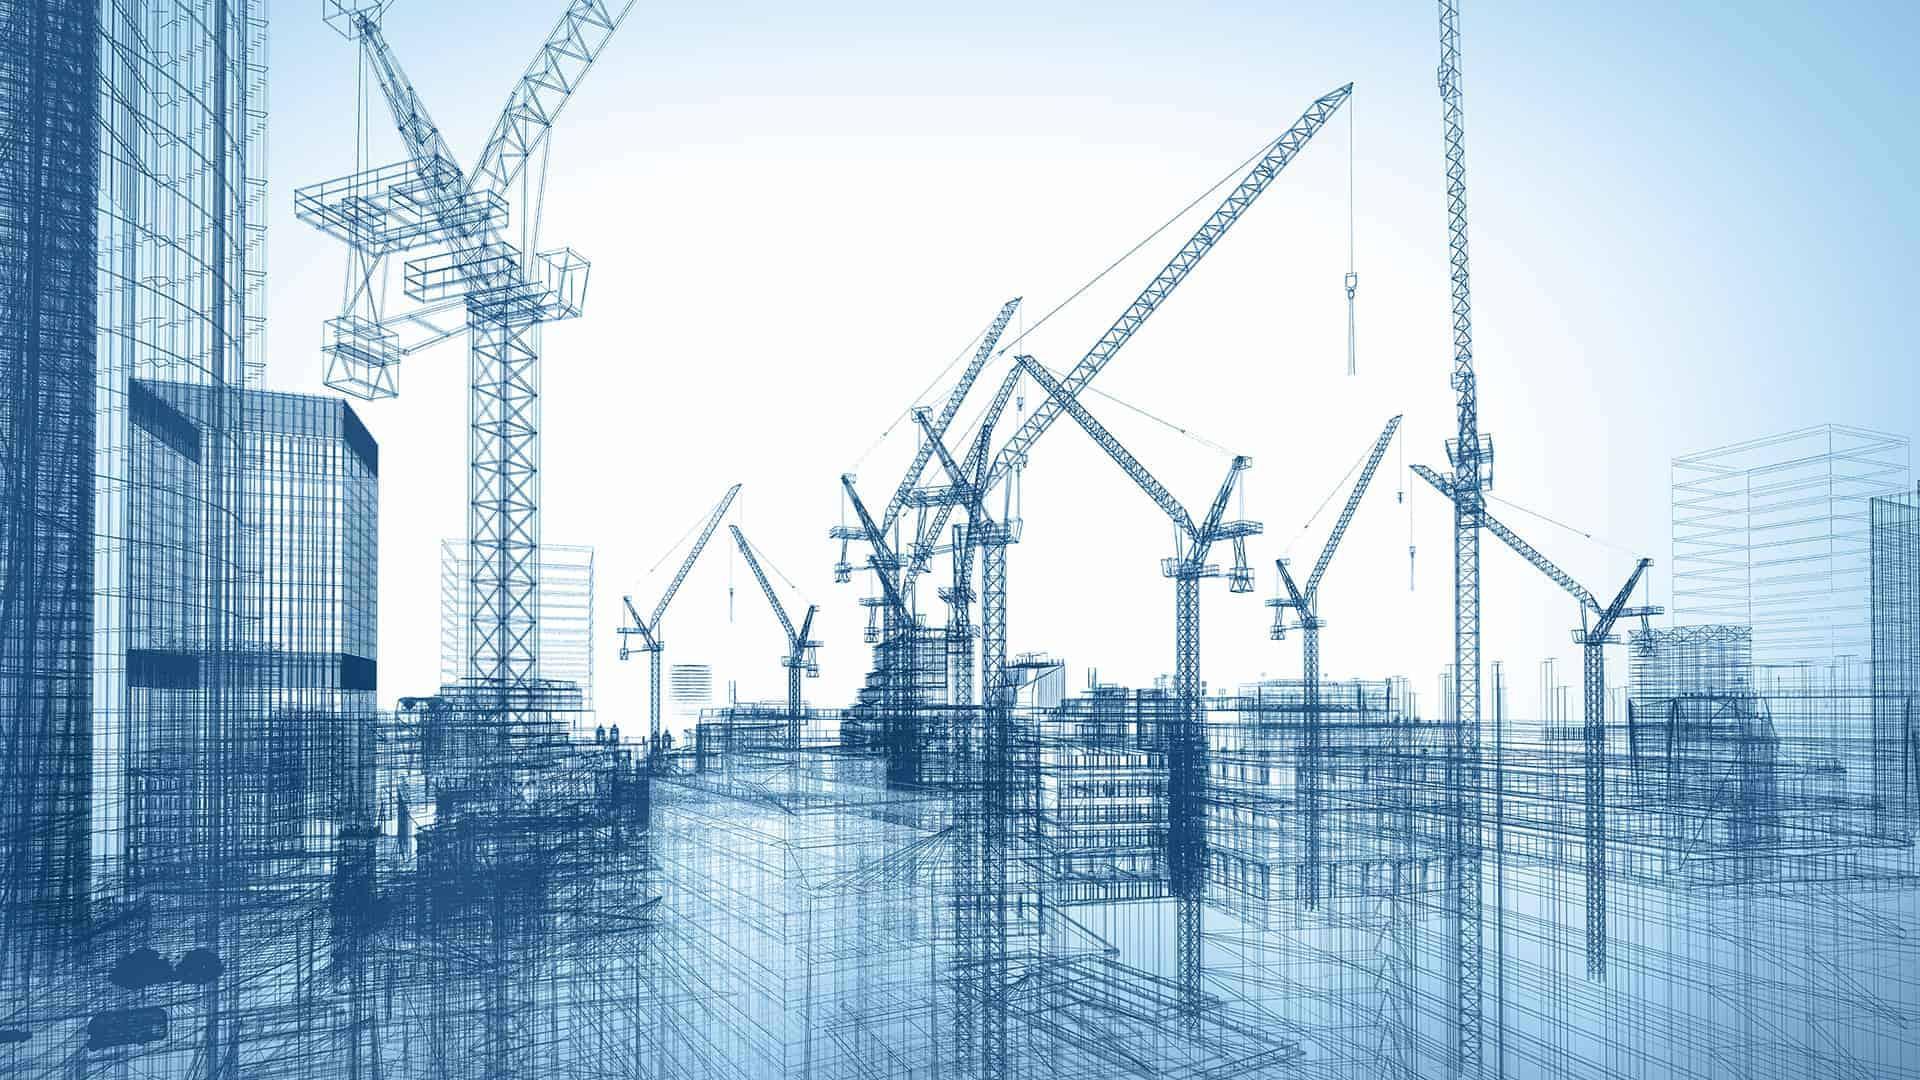 İnşaat ve Yapı Sektörüne Uygun Hammaddeler